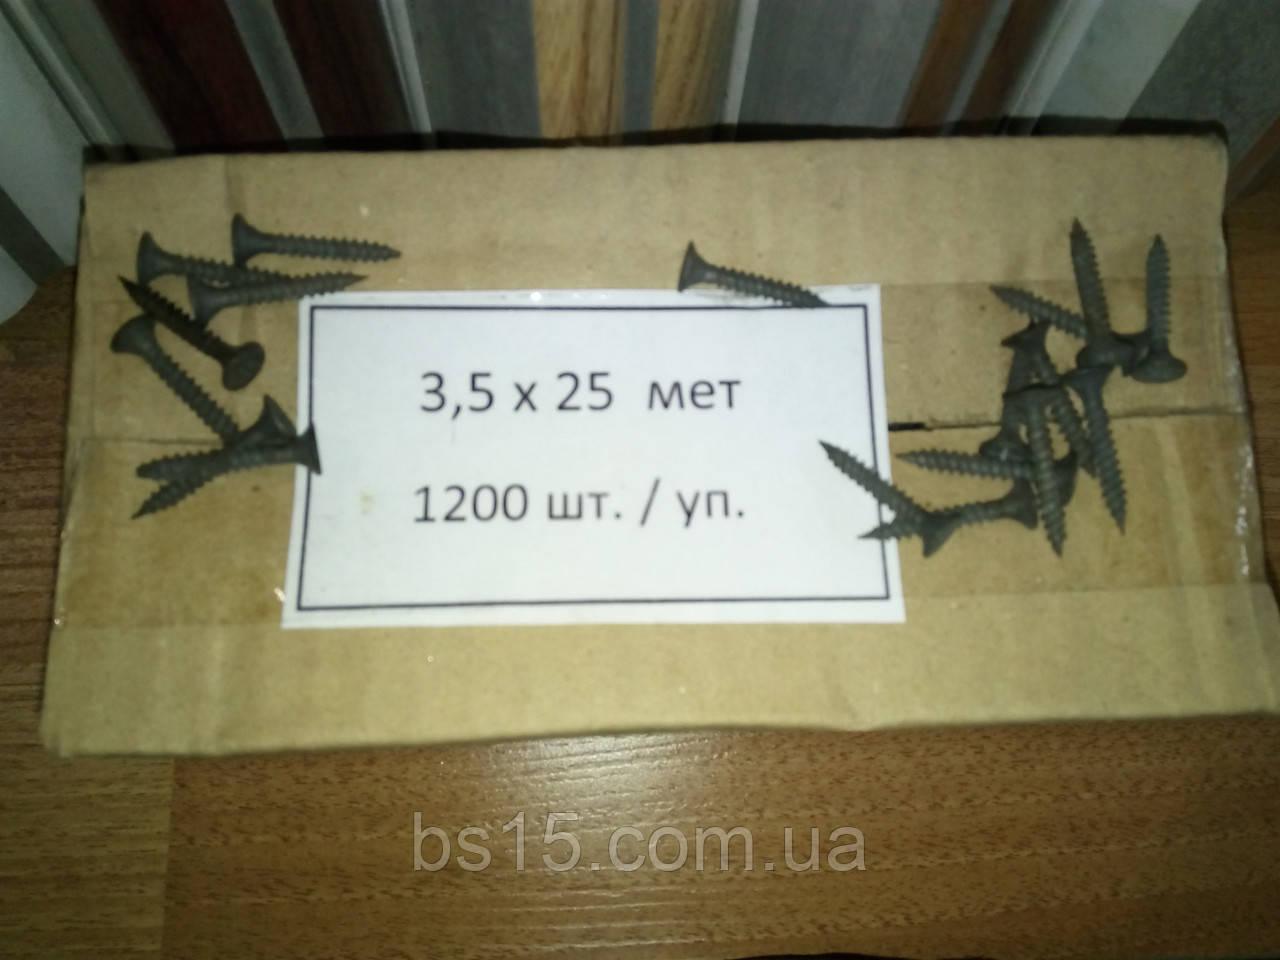 Саморез по металлу 3,5х25 Г/К , 1,2 тыс/упак, фото 1